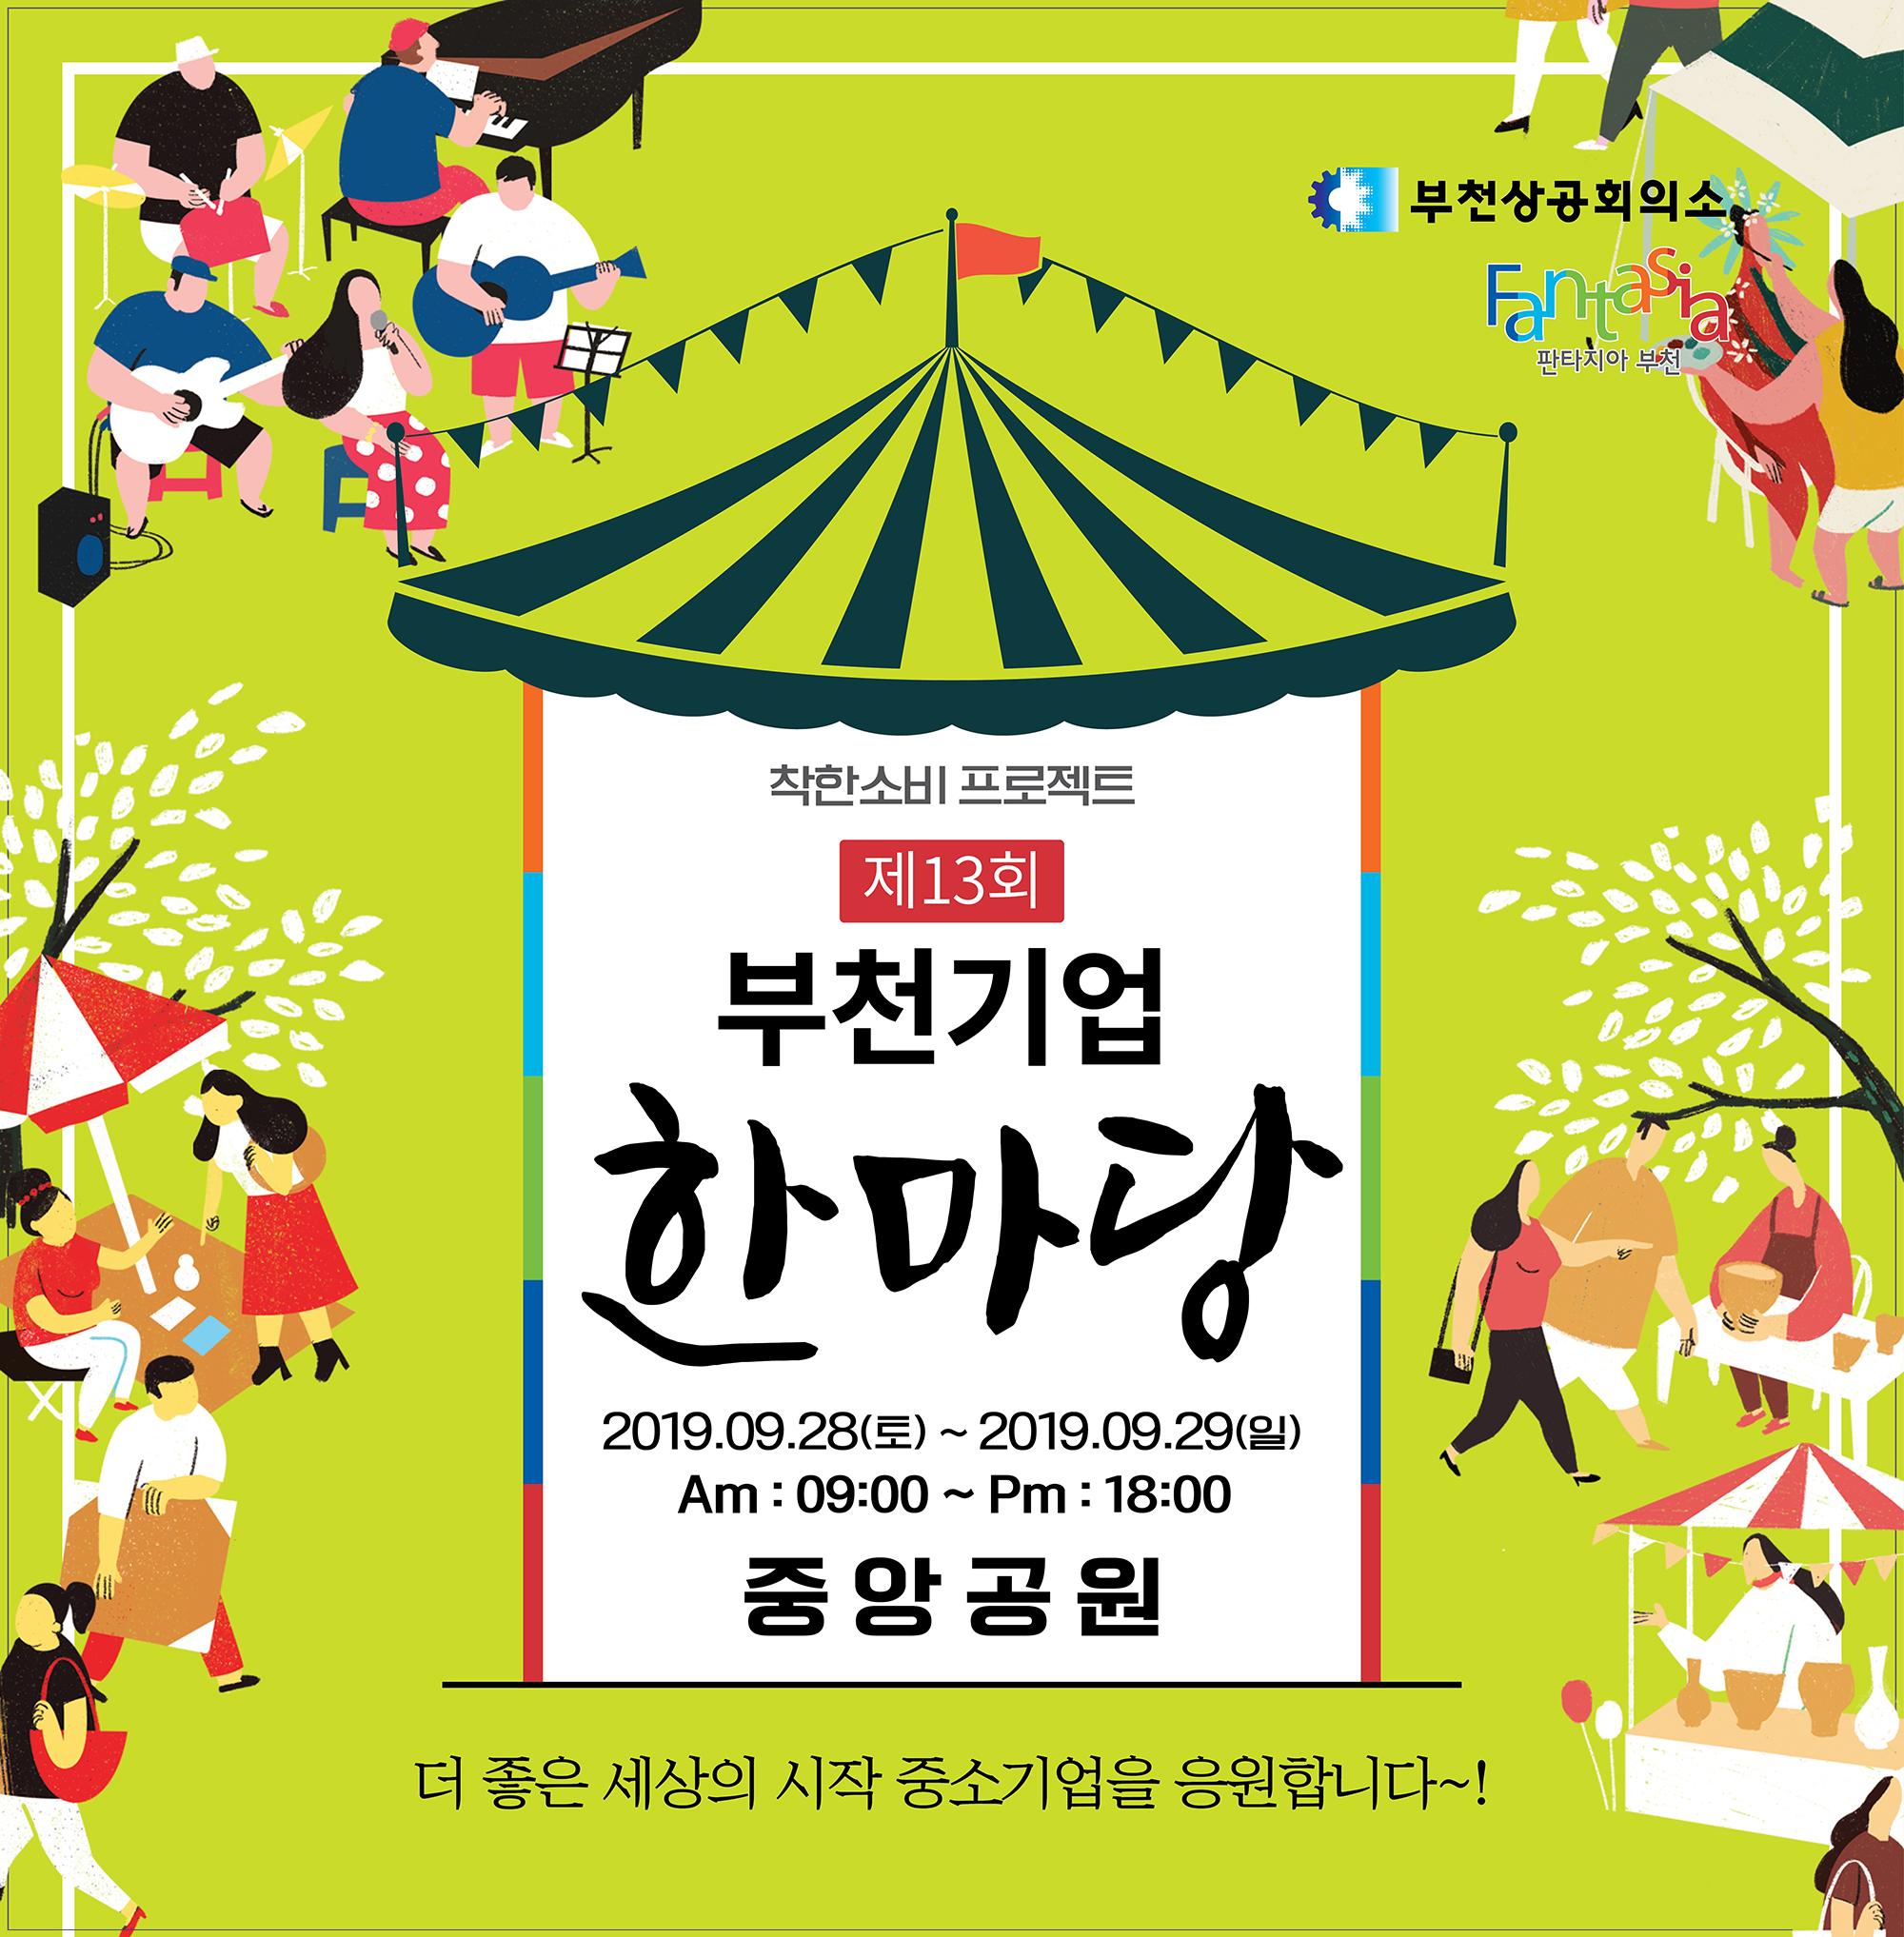 제13회 부천기업한마당 (9.28~29. 중앙공원)